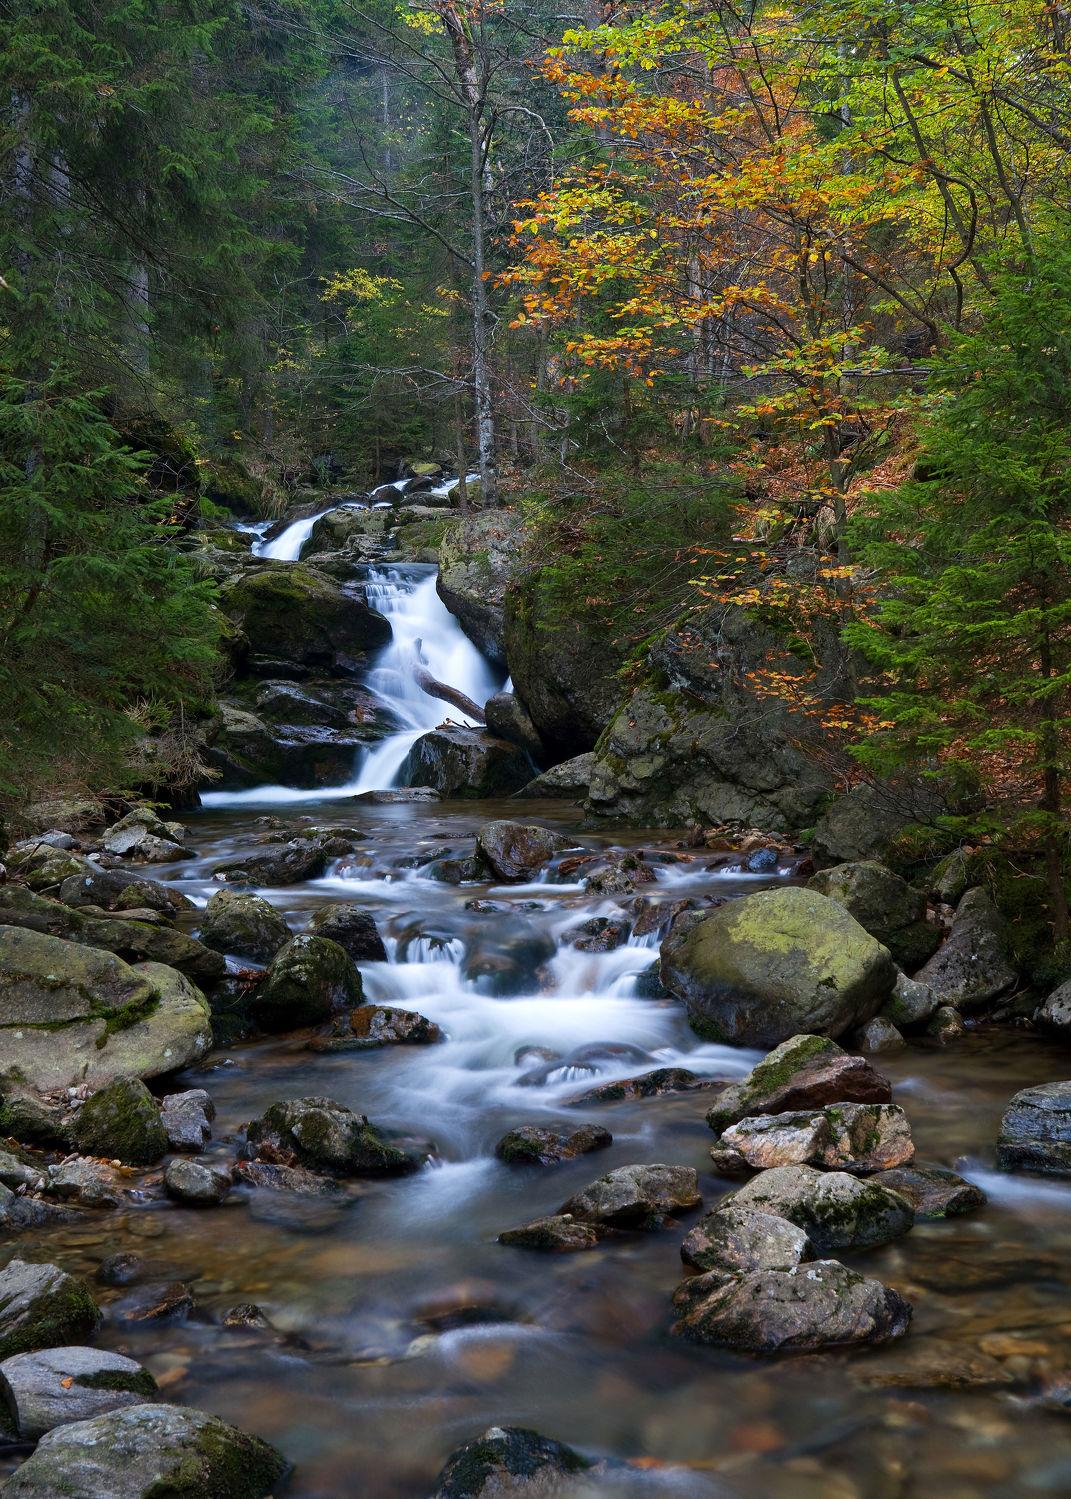 Bild mit Natur, Wasser, Landschaften, Wälder, Herbst, Wasserfälle, Wald, Landschaft, Wasserfall